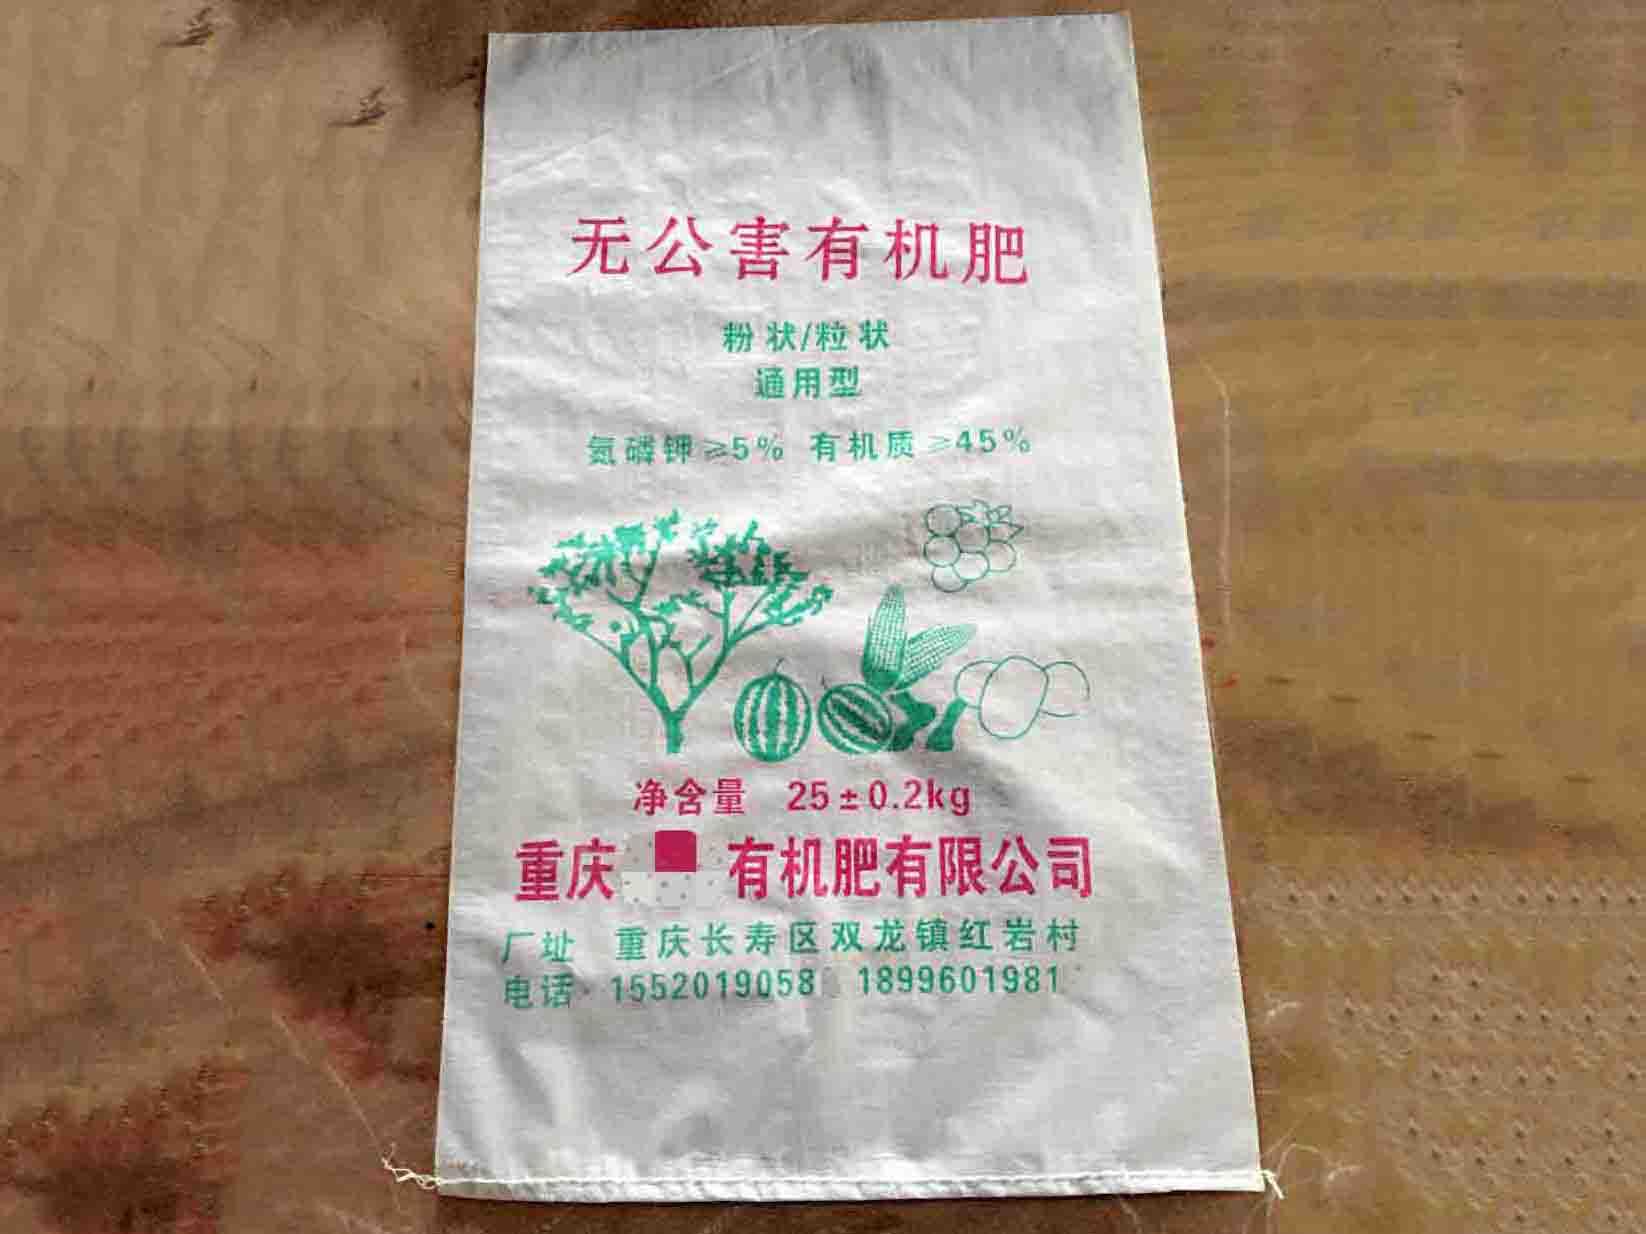 重庆有机肥有限公司